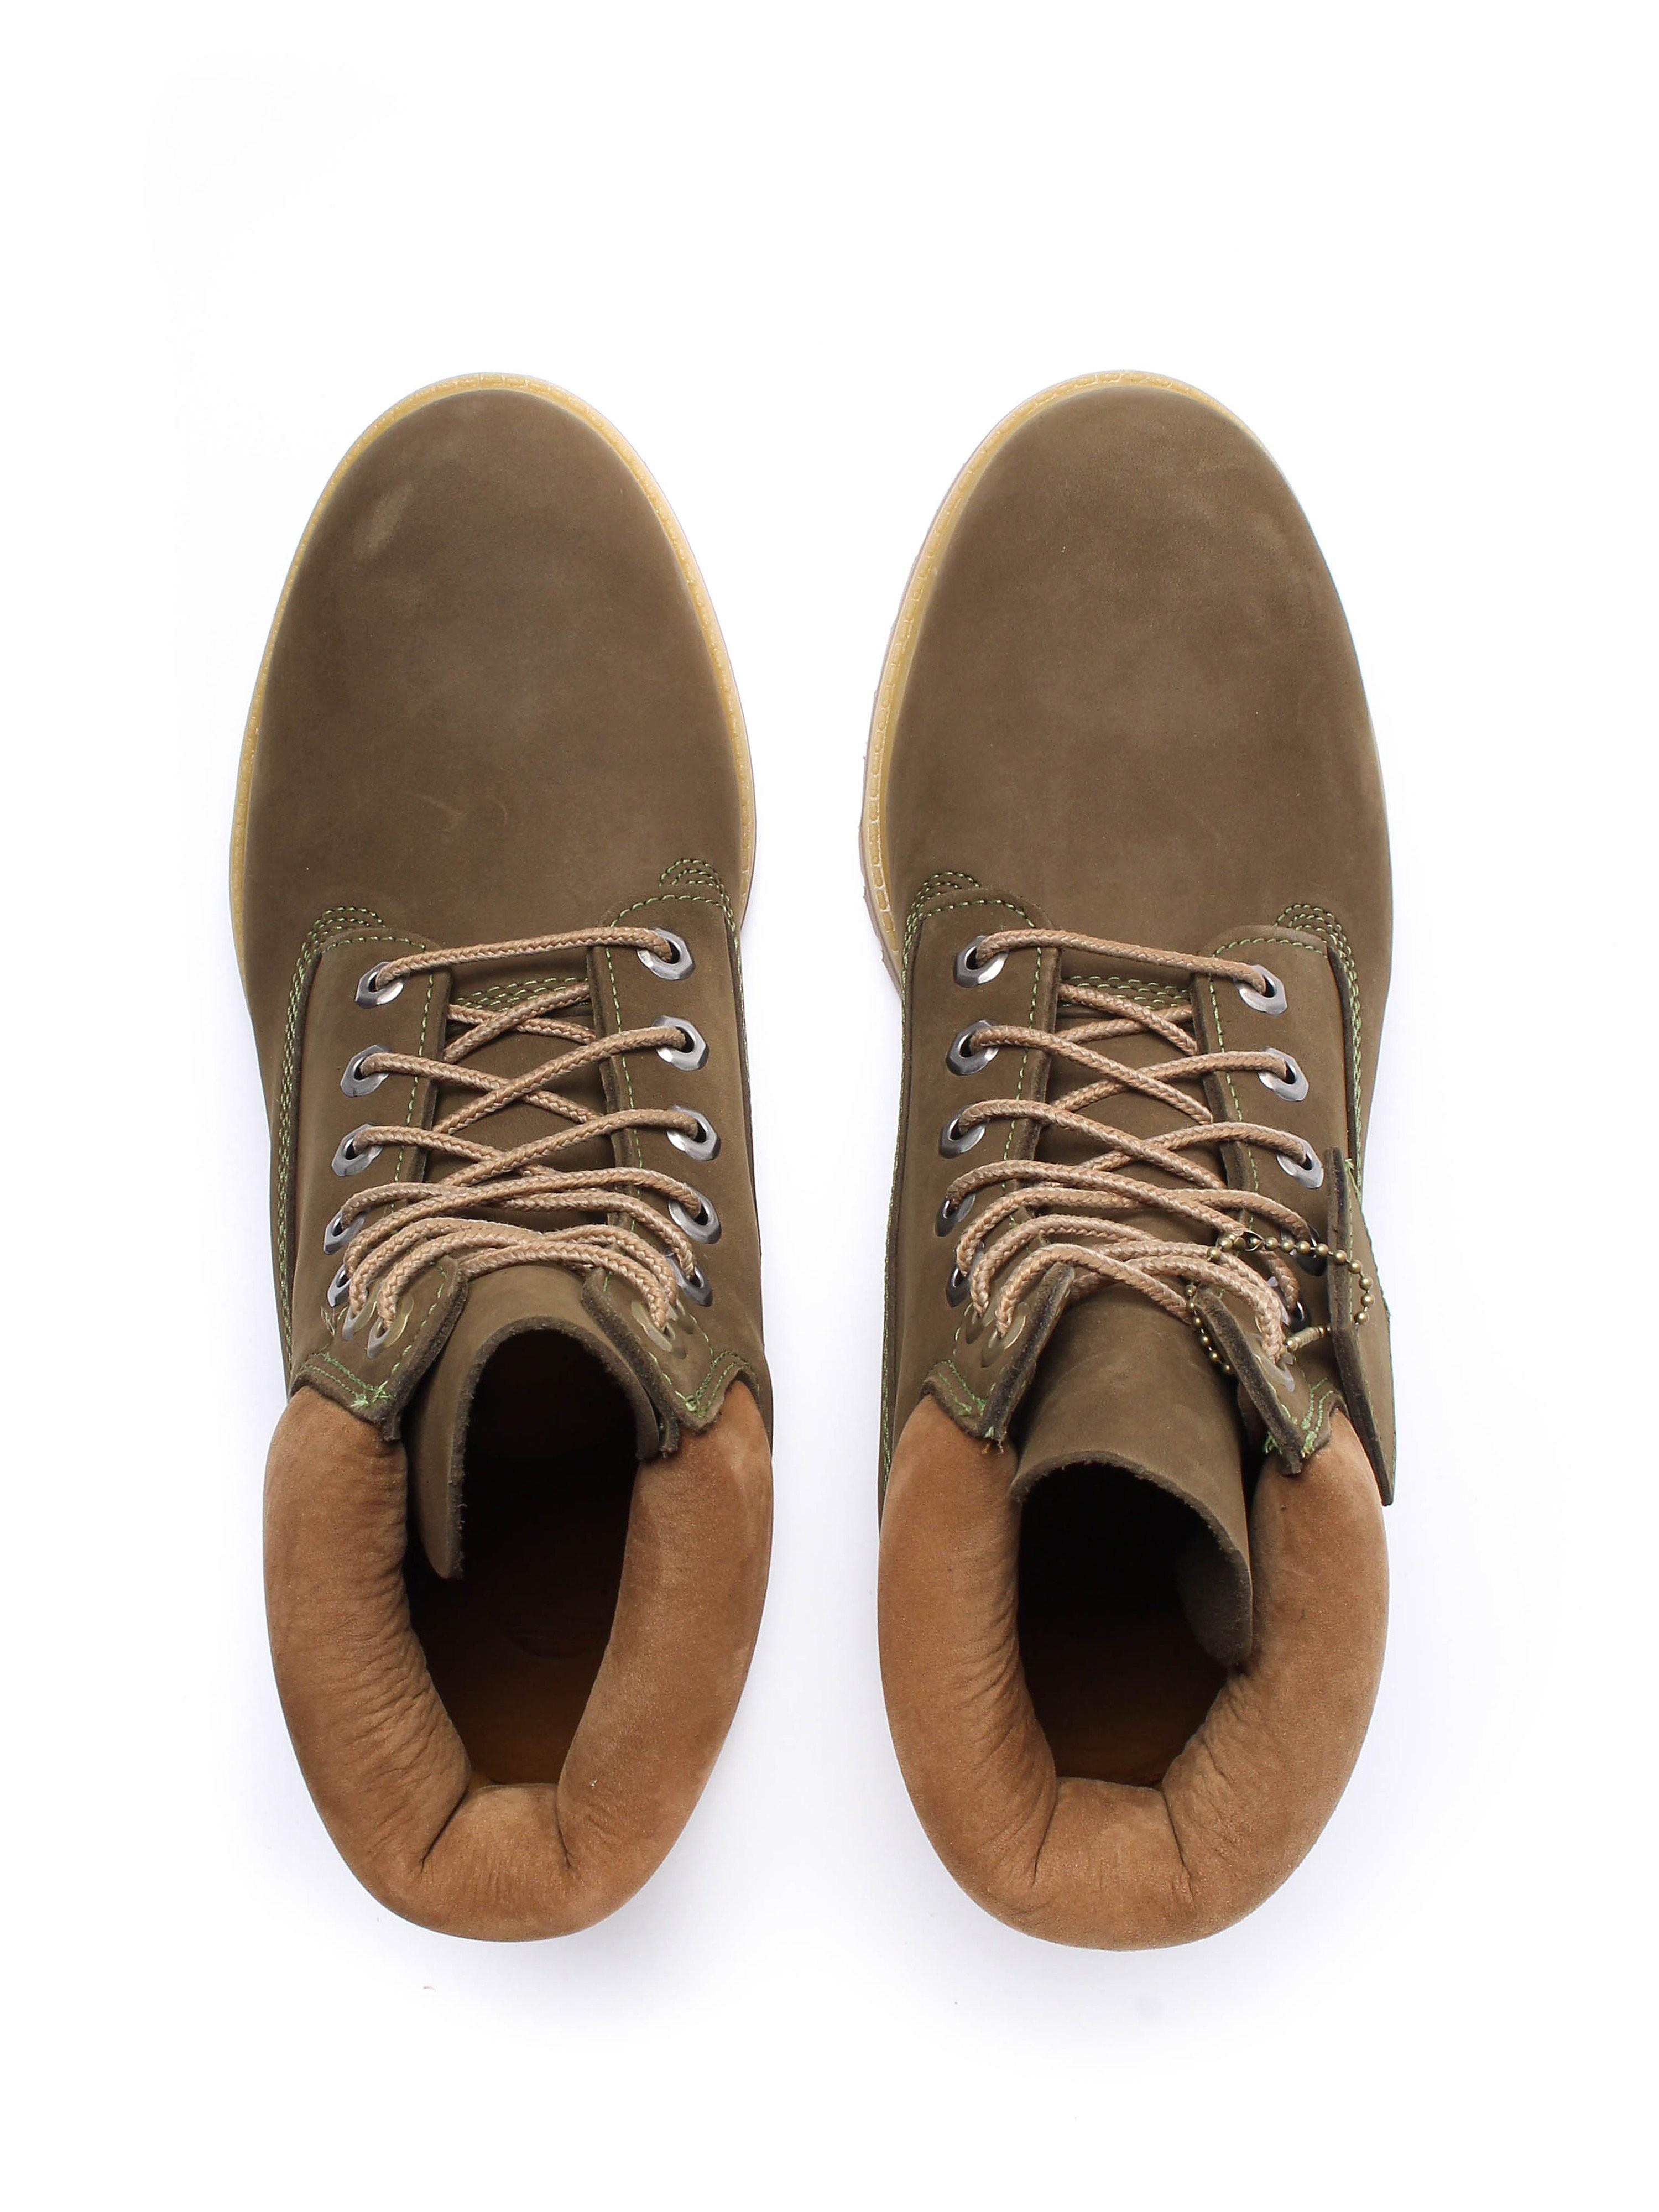 Timberland 6 Inch Premium Boot - Mens - Dark